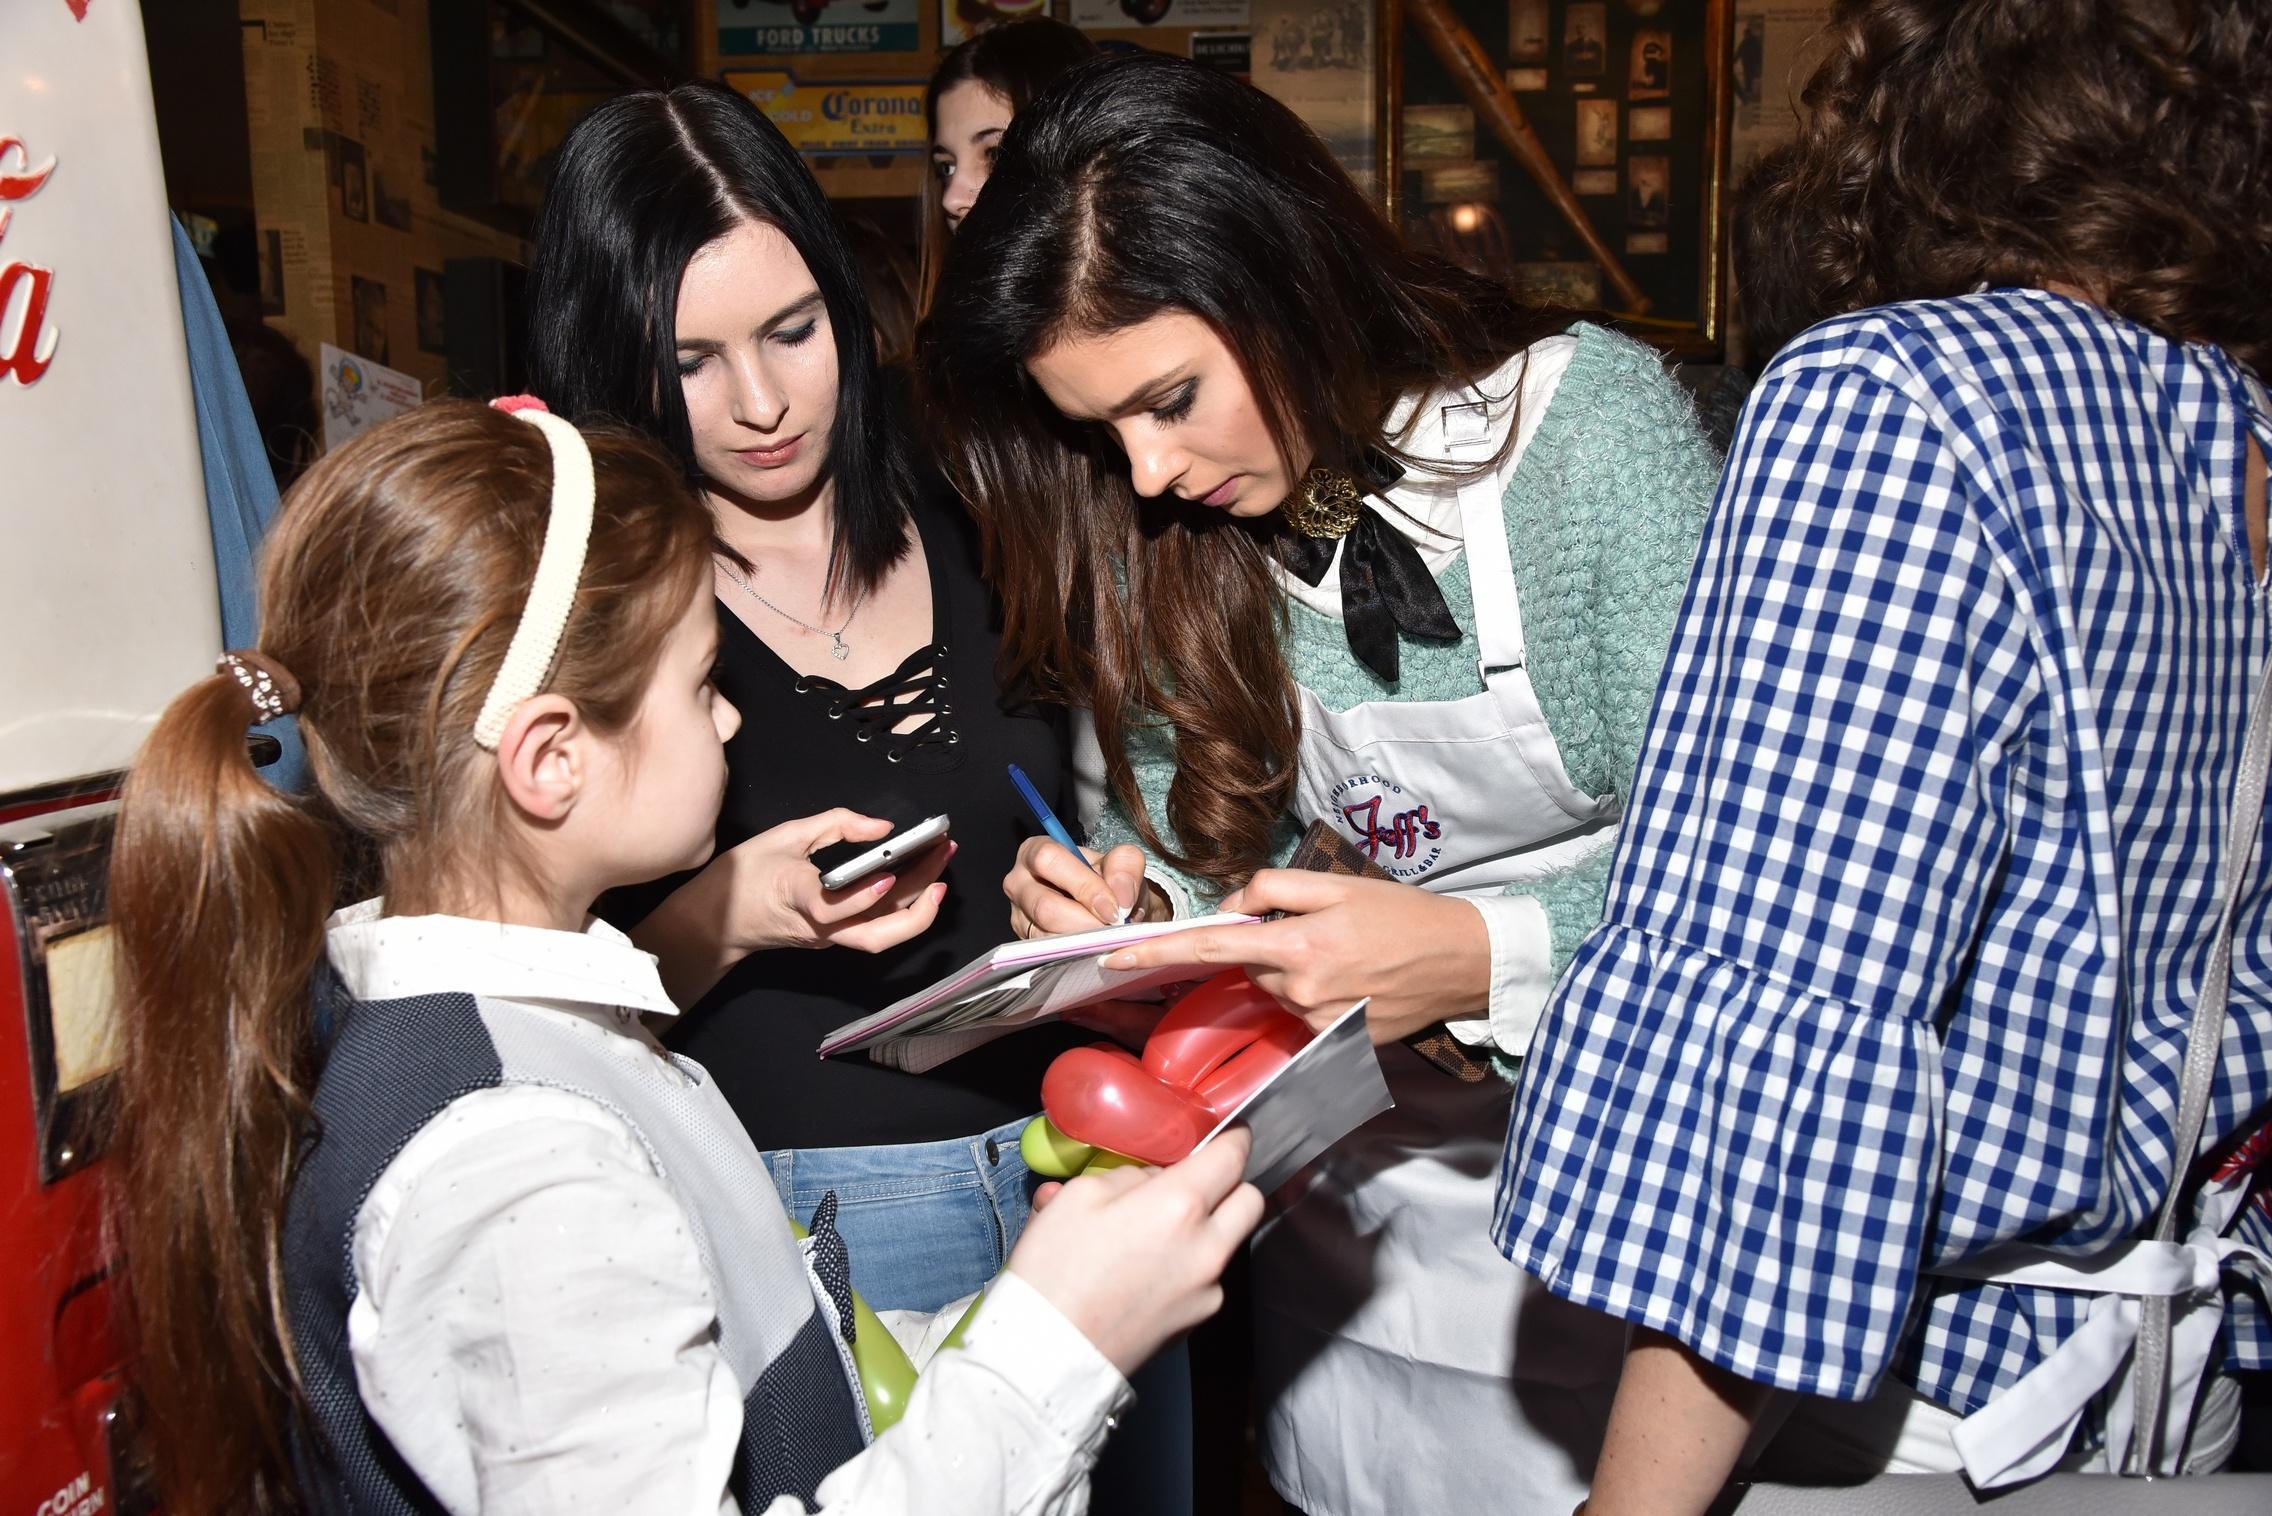 ; Noworoczny obiad z Gwiazdami dzieci z domow dziecka, Restauracja Jeff's na Polu Mokotowskim, Warszawa, 2017.01.21; fot. Dix / EPOKA